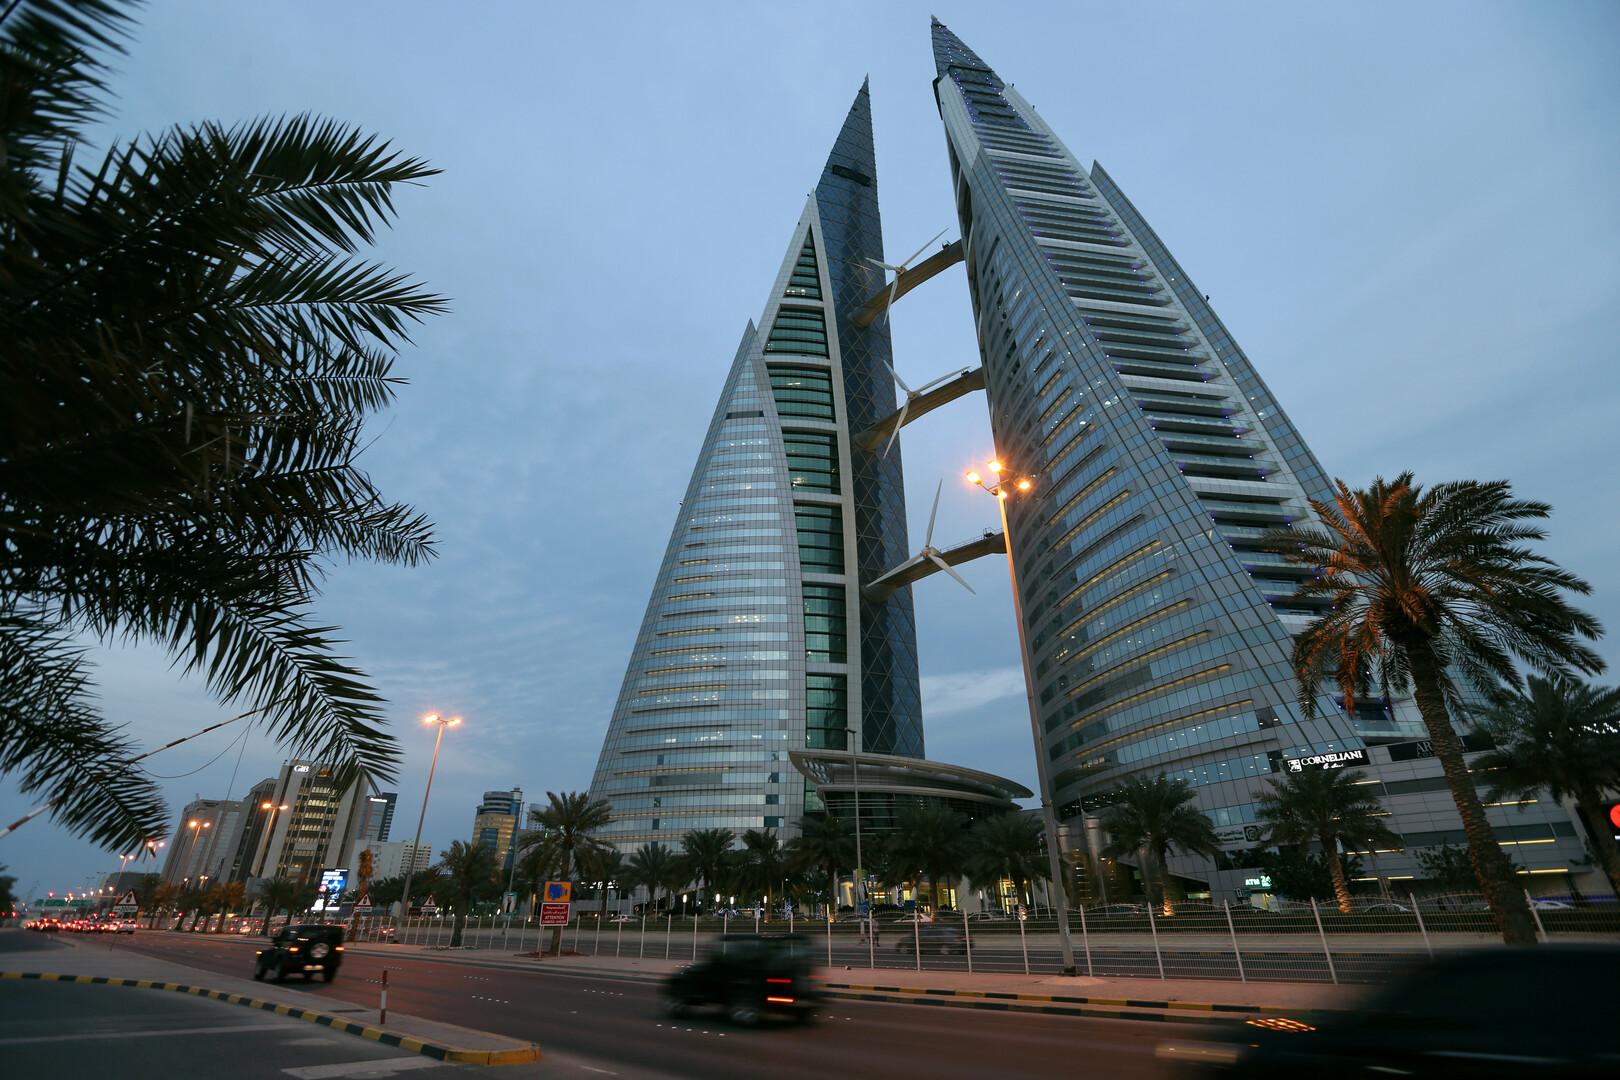 البحرين تدين إعلان نتنياهو نيته فرض سيادة إسرائيل على مناطق فلسطينية جديدة